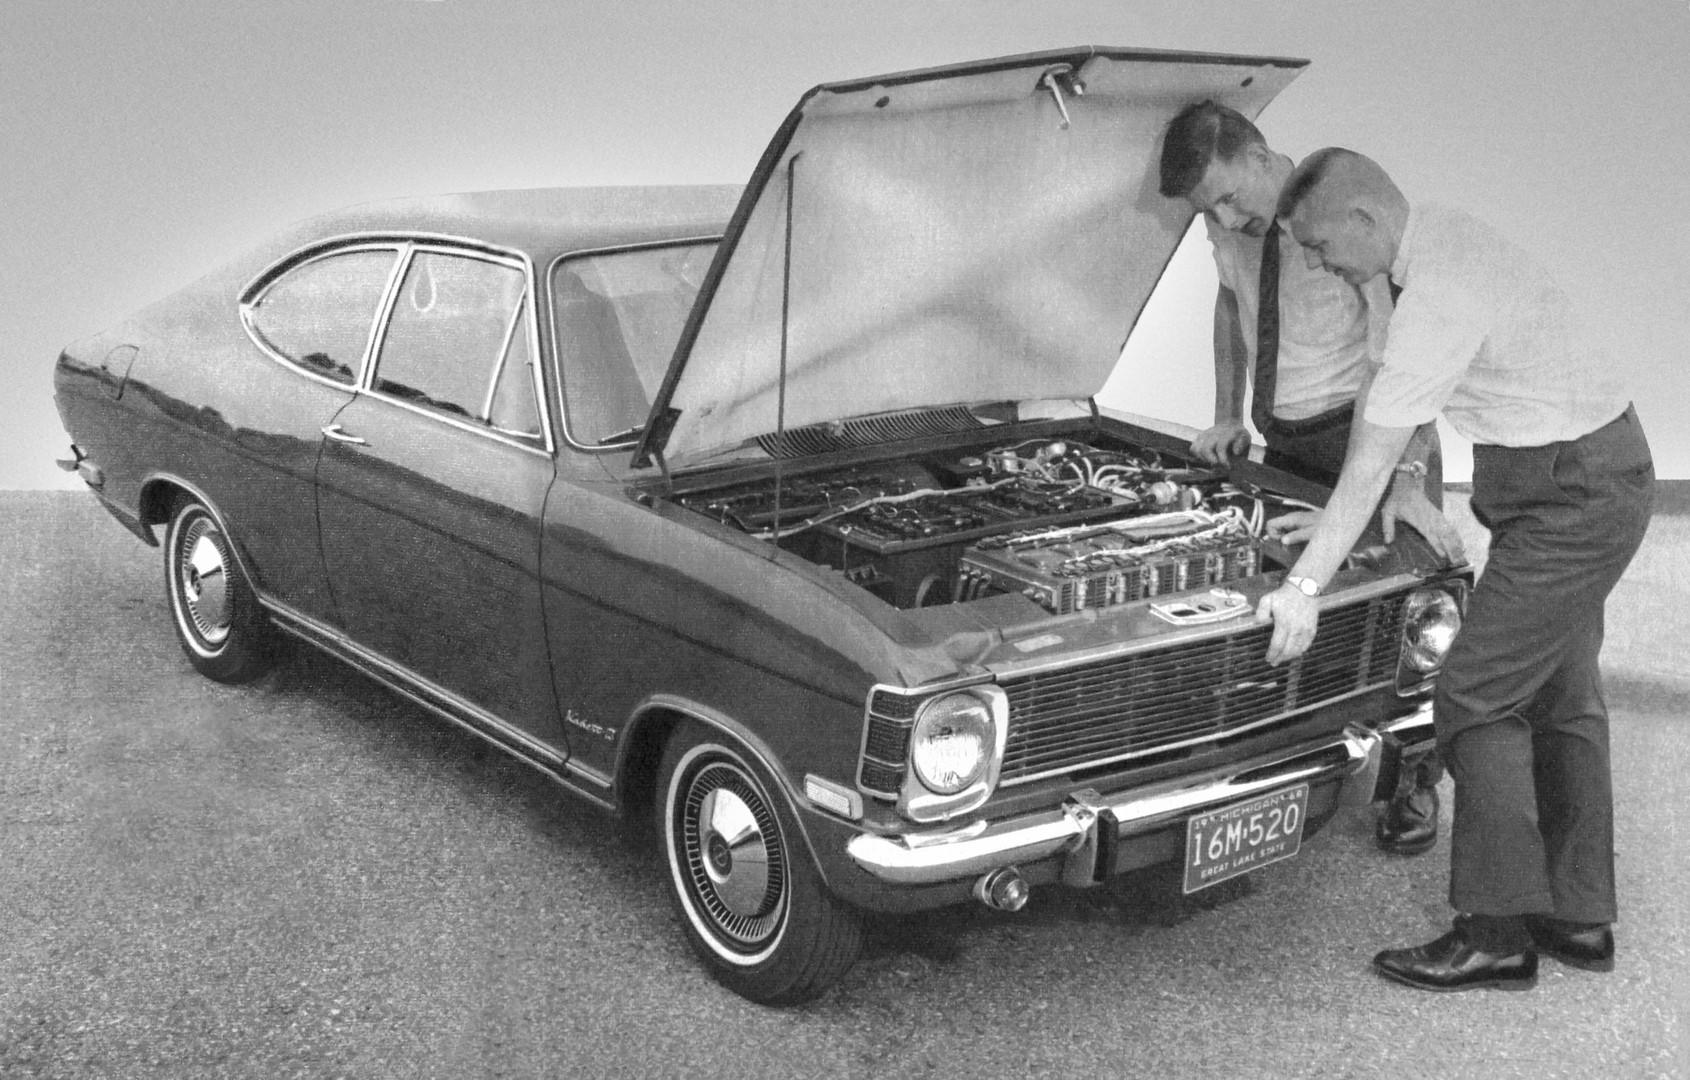 Opel Kadett B Stir-Lec I